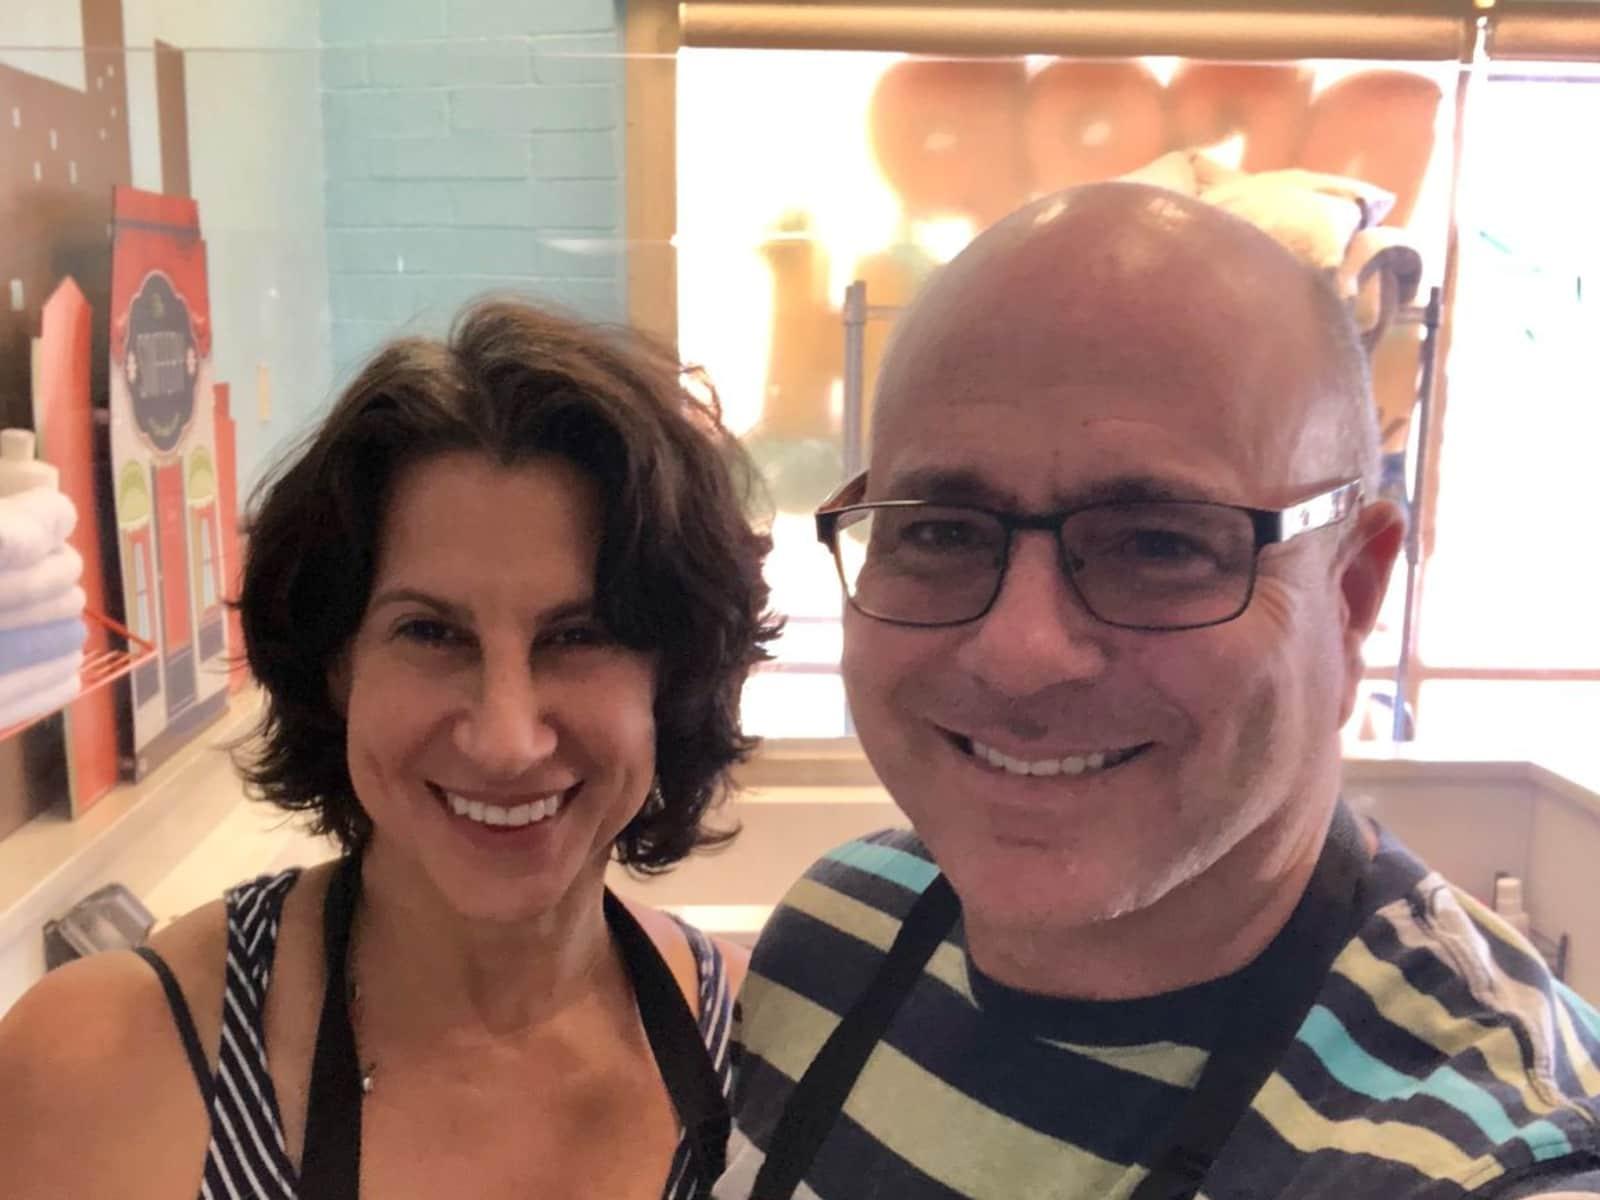 Peter & Courtney from Tucson, Arizona, United States